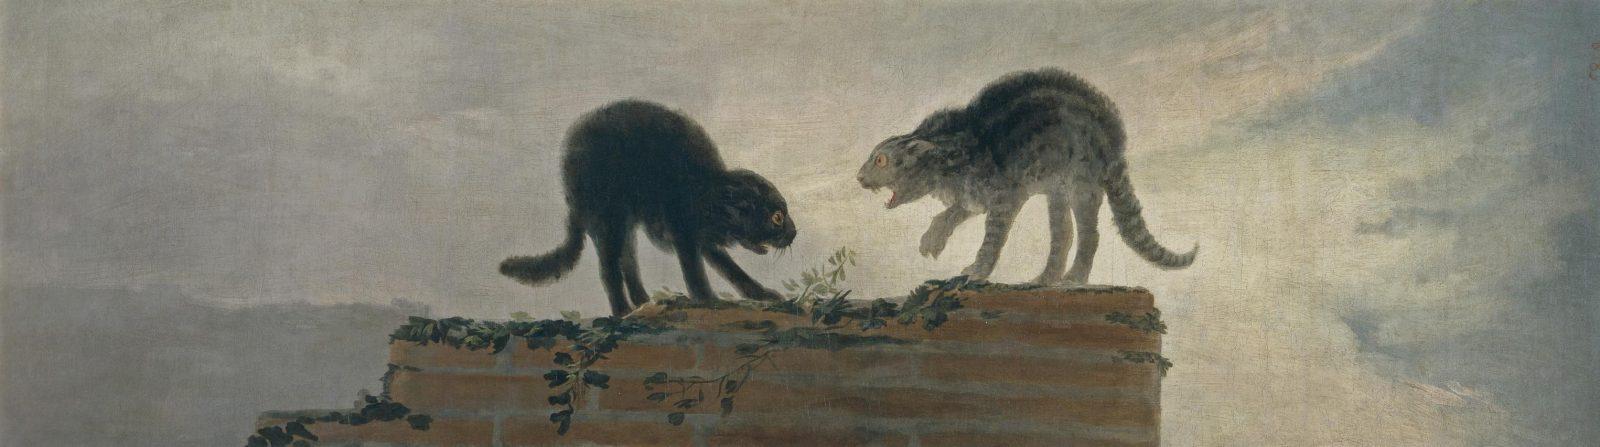 Goya Tappelevat kissat